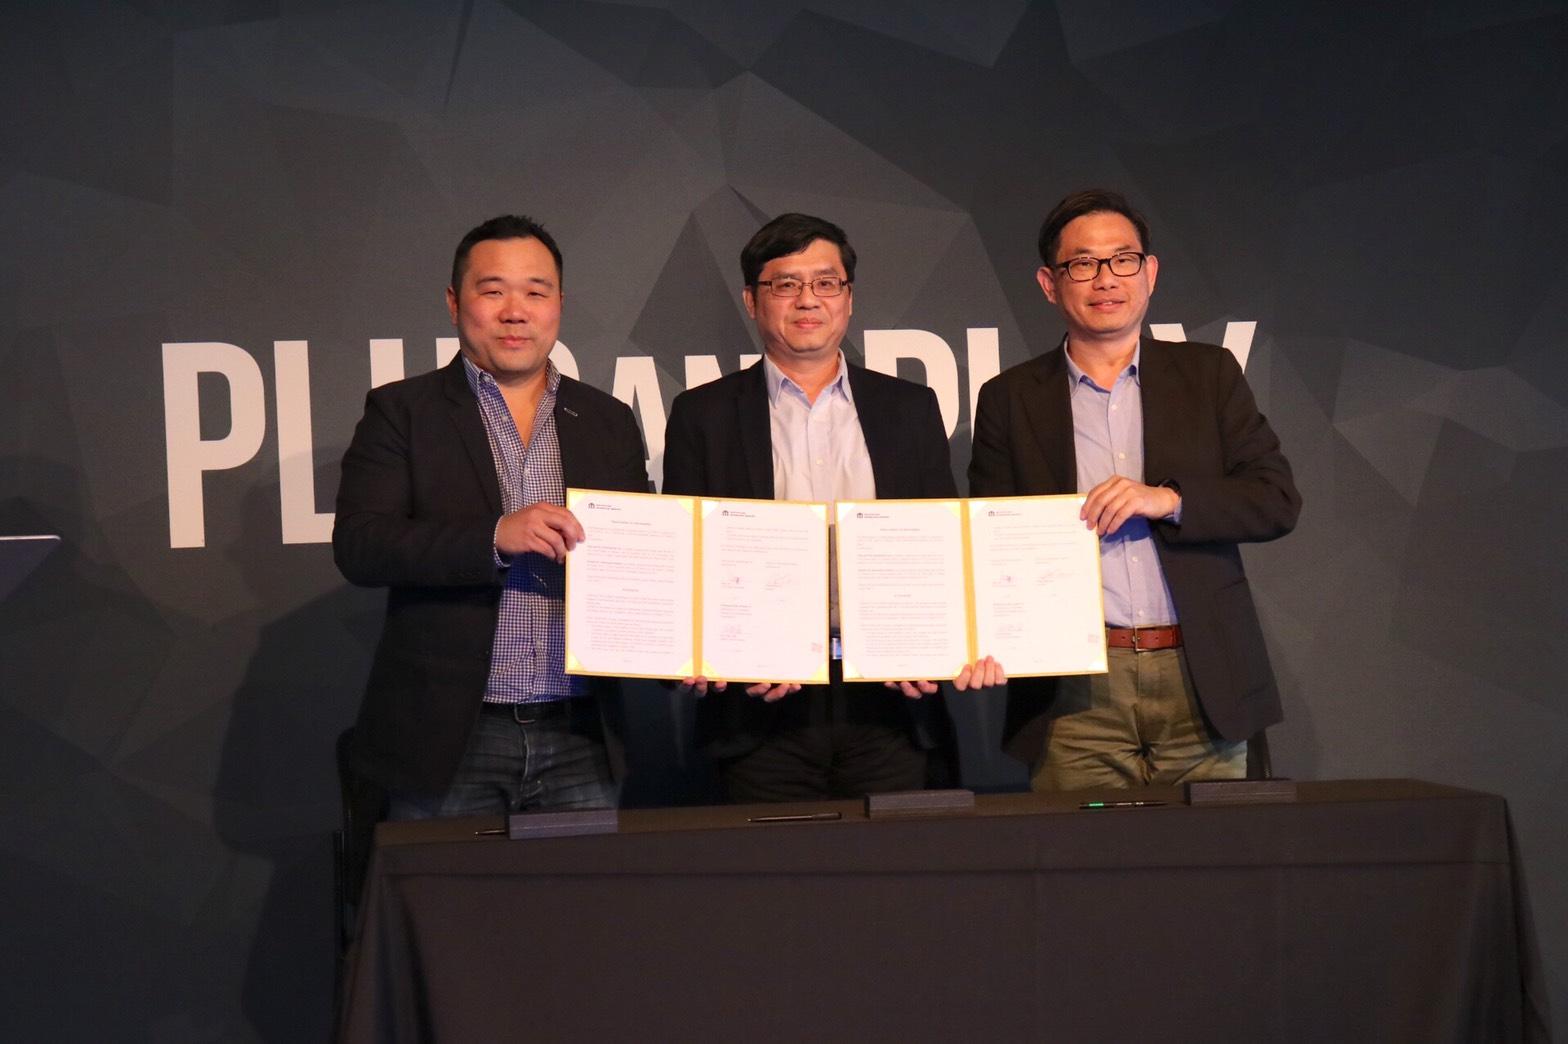 高市府與矽谷加速器合作 選派新創業者赴美創商機1